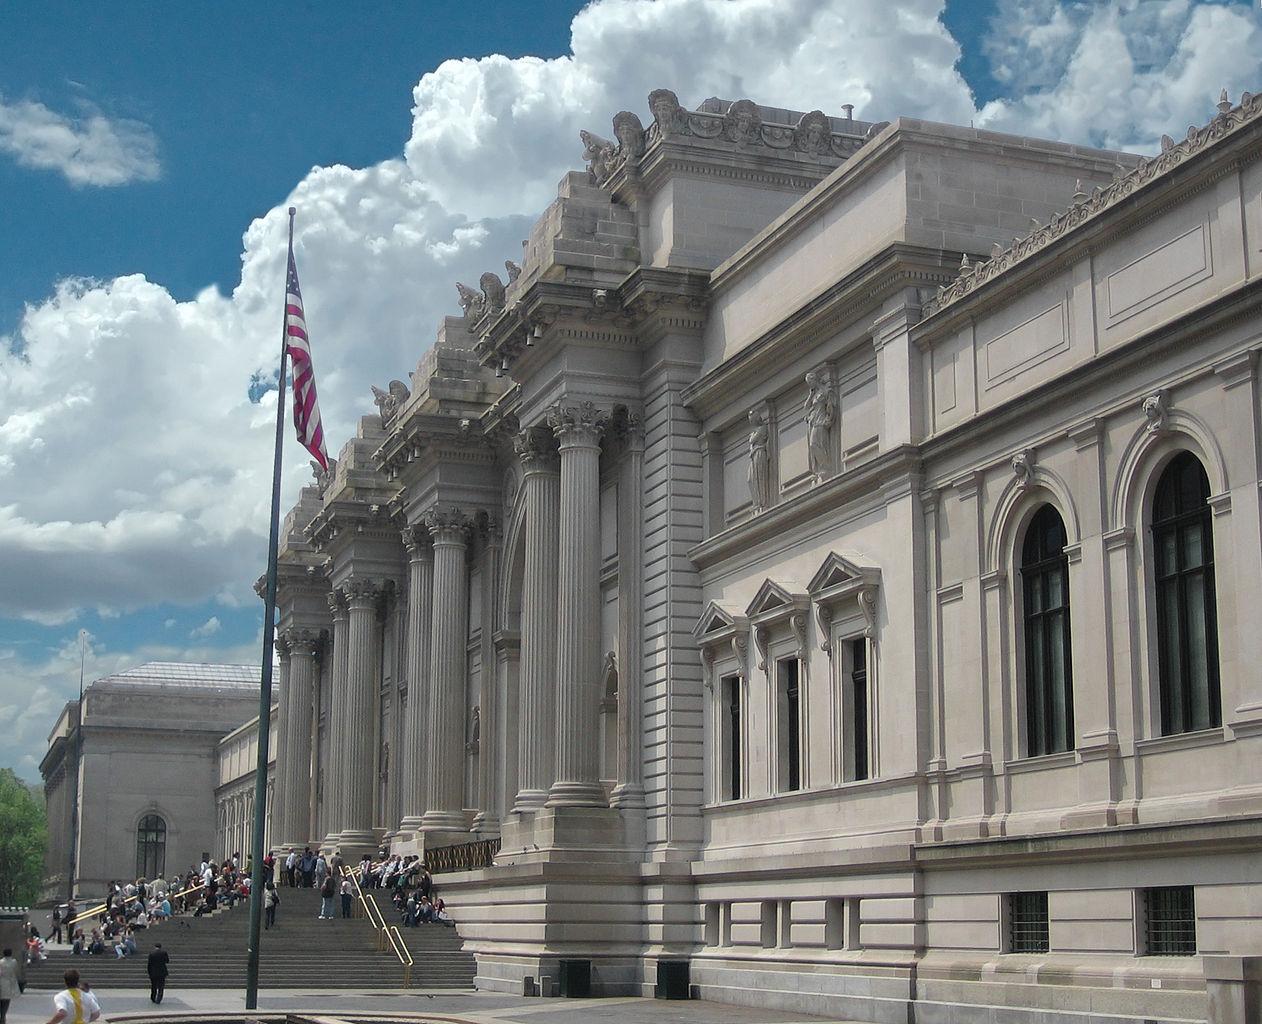 Best Attractions In New York: The Metropolitan Museum of Art